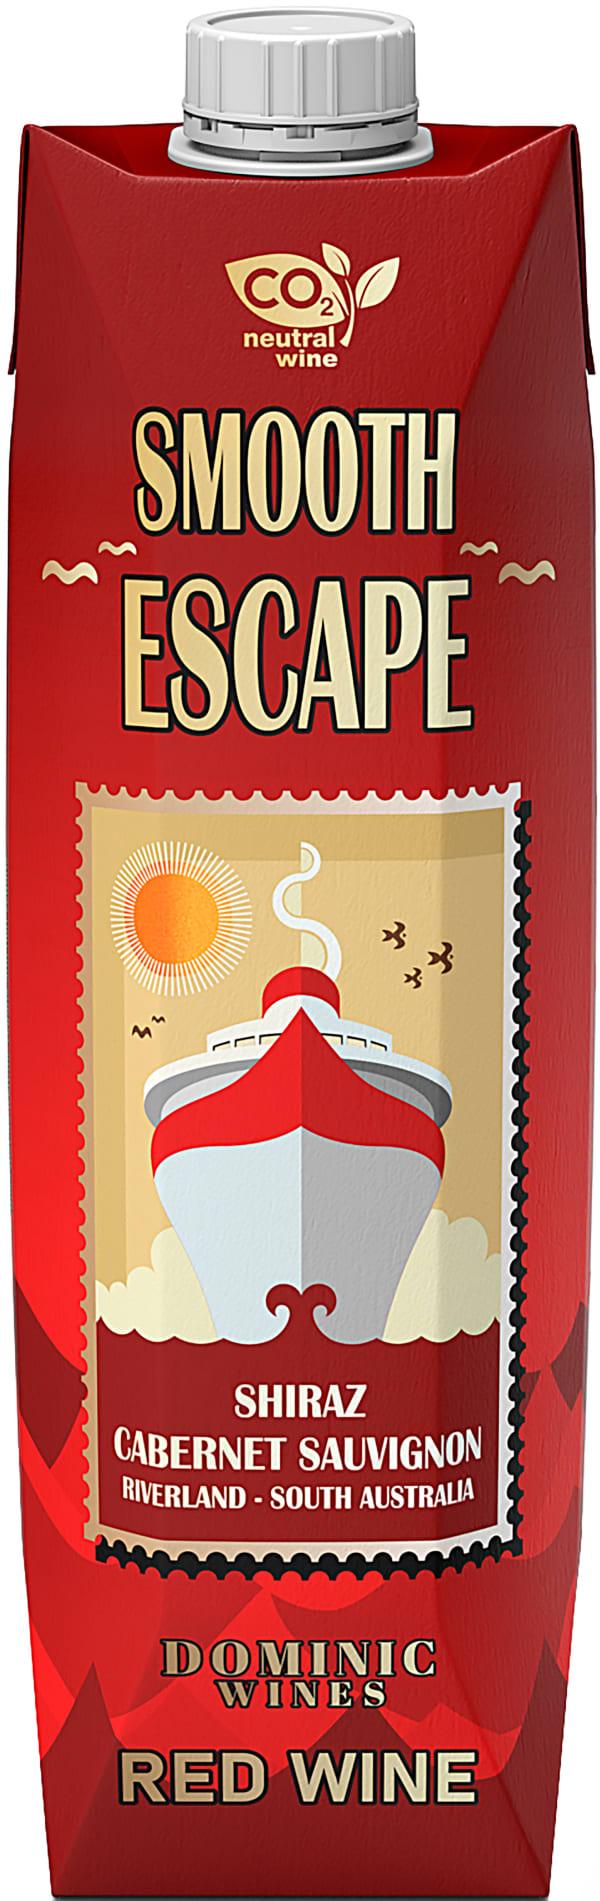 Smooth Escape Shiraz Cabernet 2020 kartongförpackning